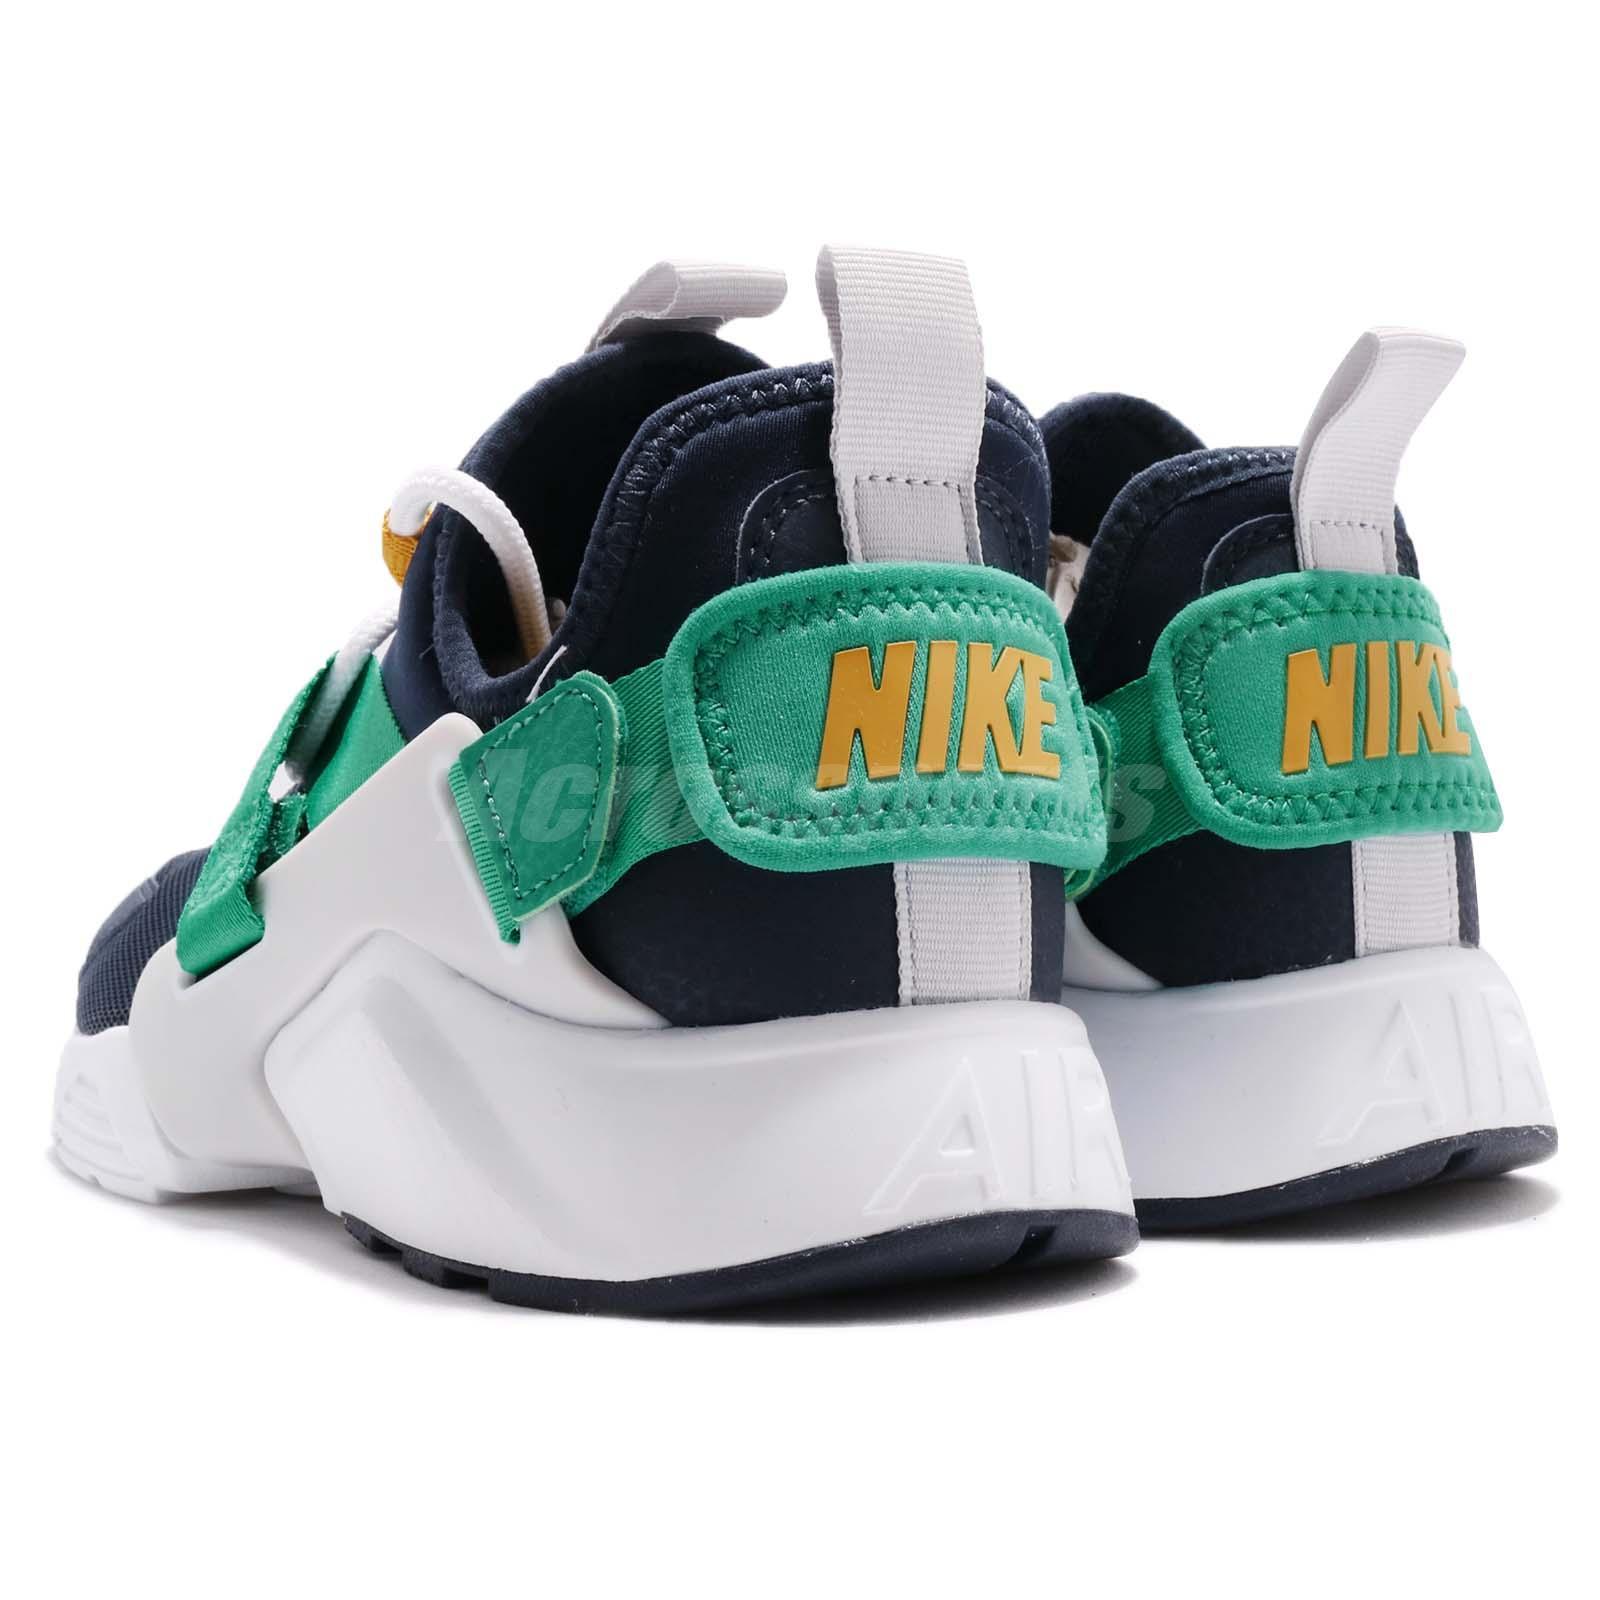 b5491dace0607 Wmns Nike Air Huarache City Low Navy Green Women Casual Shoes ...